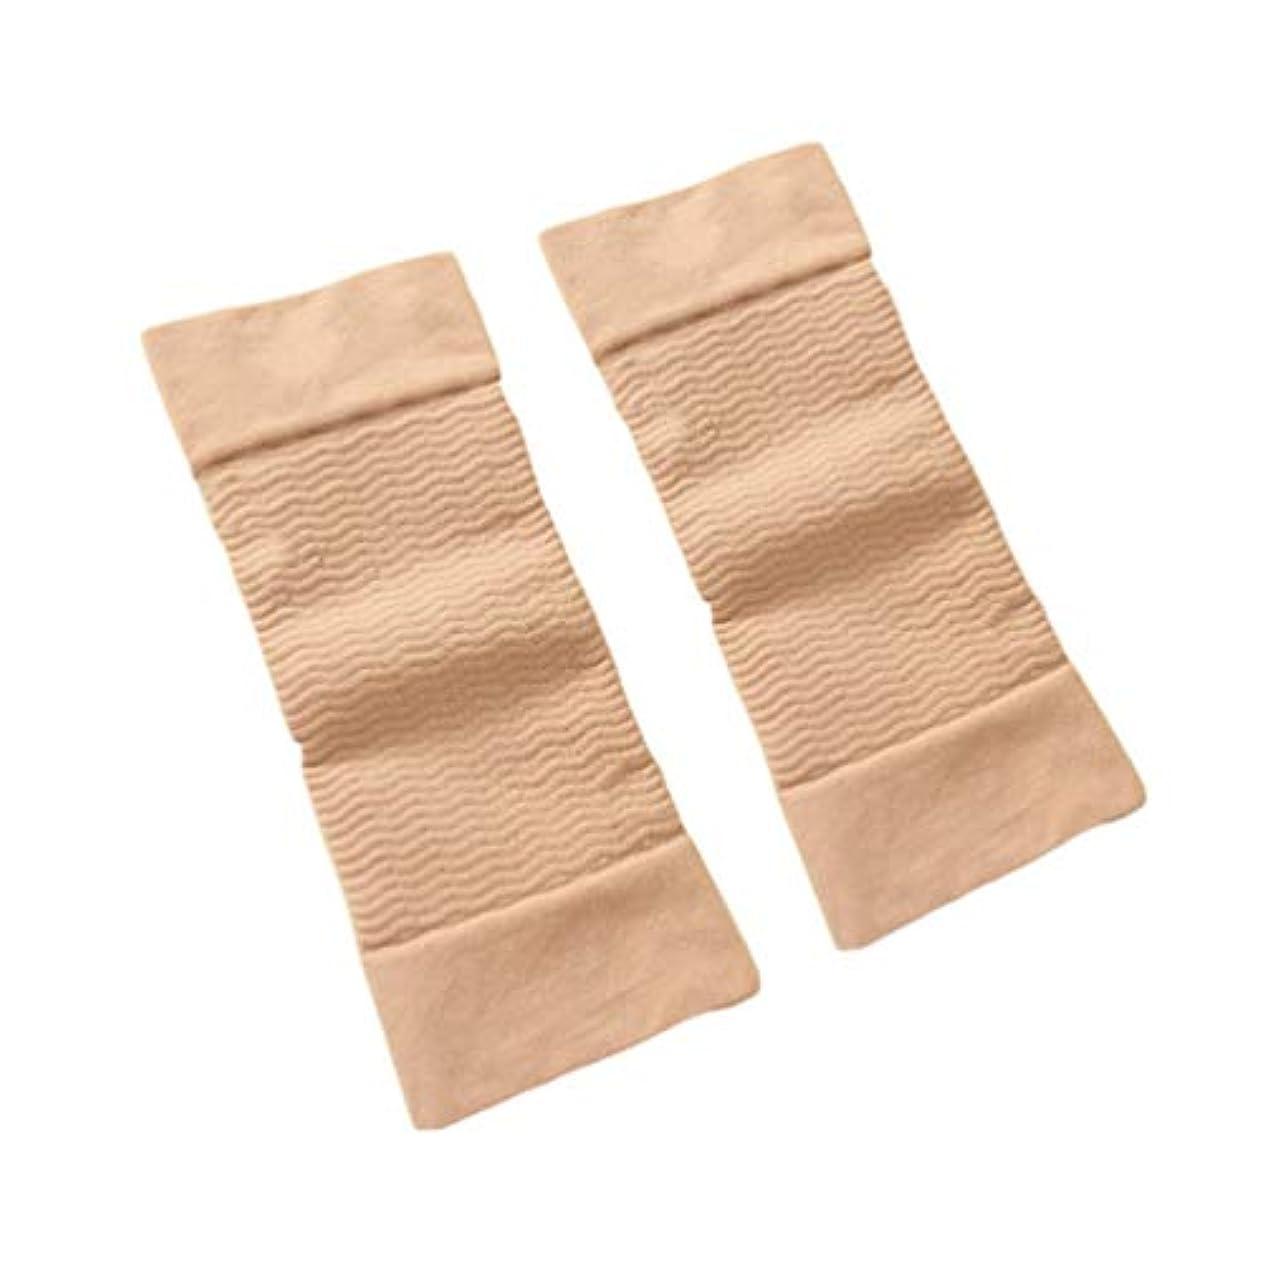 裁量恩恵ペイント1ペア420 D圧縮痩身アームスリーブワークアウトトーニングバーンセルライトシェイパー脂肪燃焼袖用女性 - 肌色